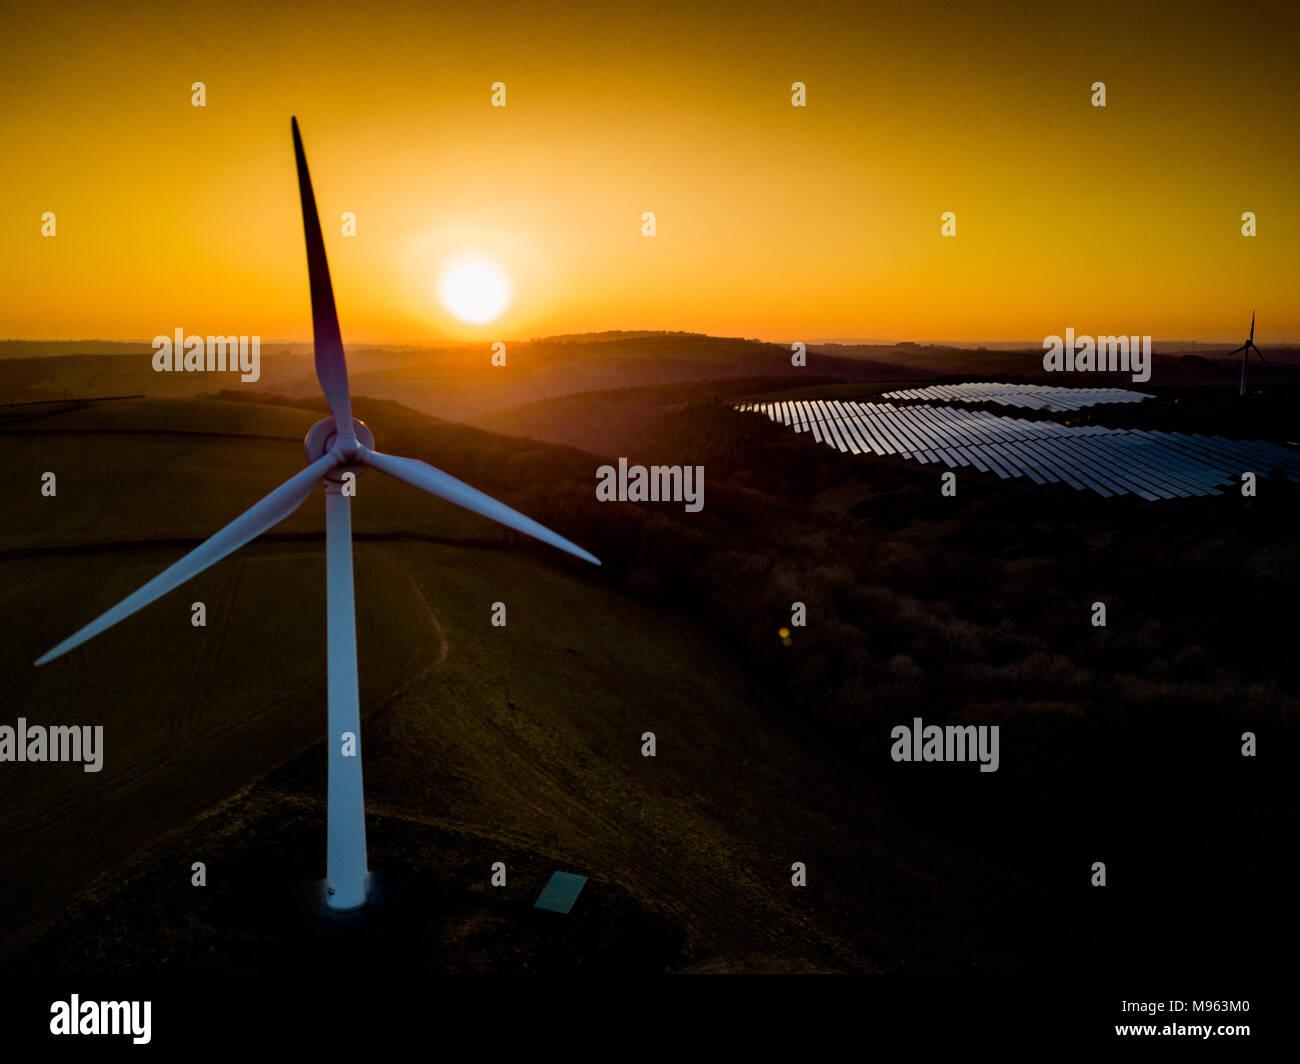 Una turbina utilizado para generar electricidad es silueteado por el atardecer de Saltash, Cornwall Imagen De Stock